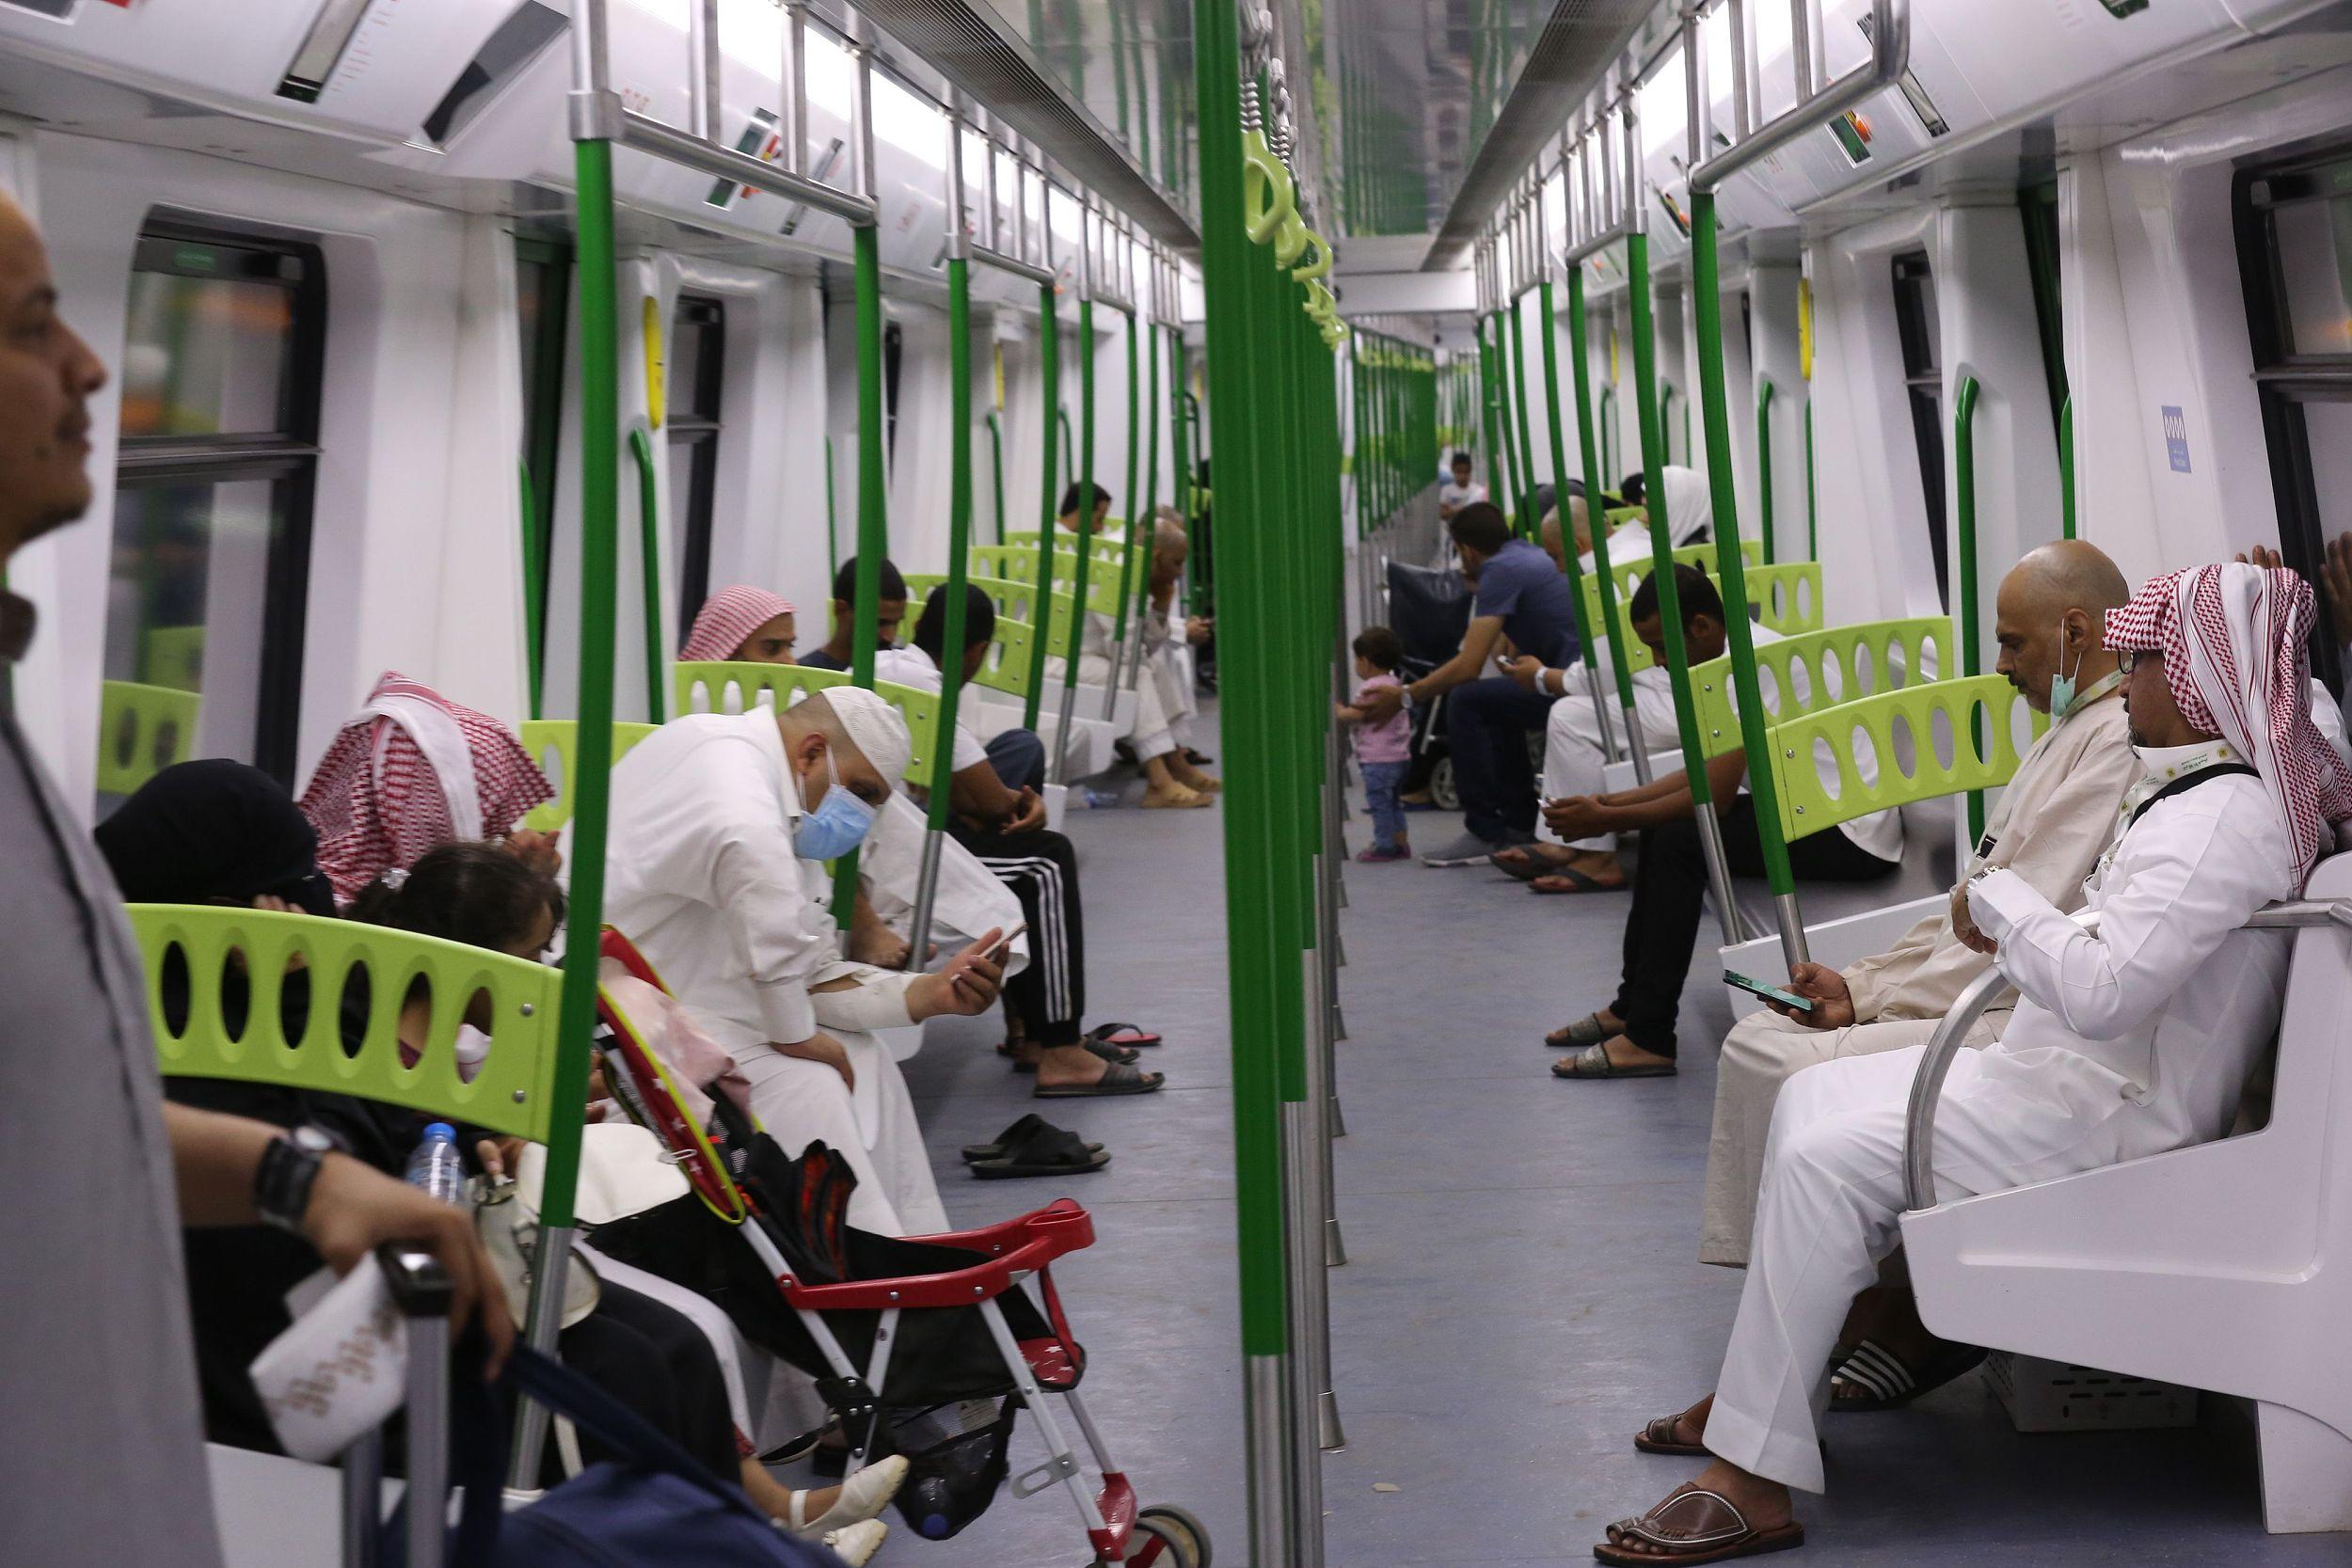 Chinese-built Mecca Light Railway praised by Hajj pilgrims